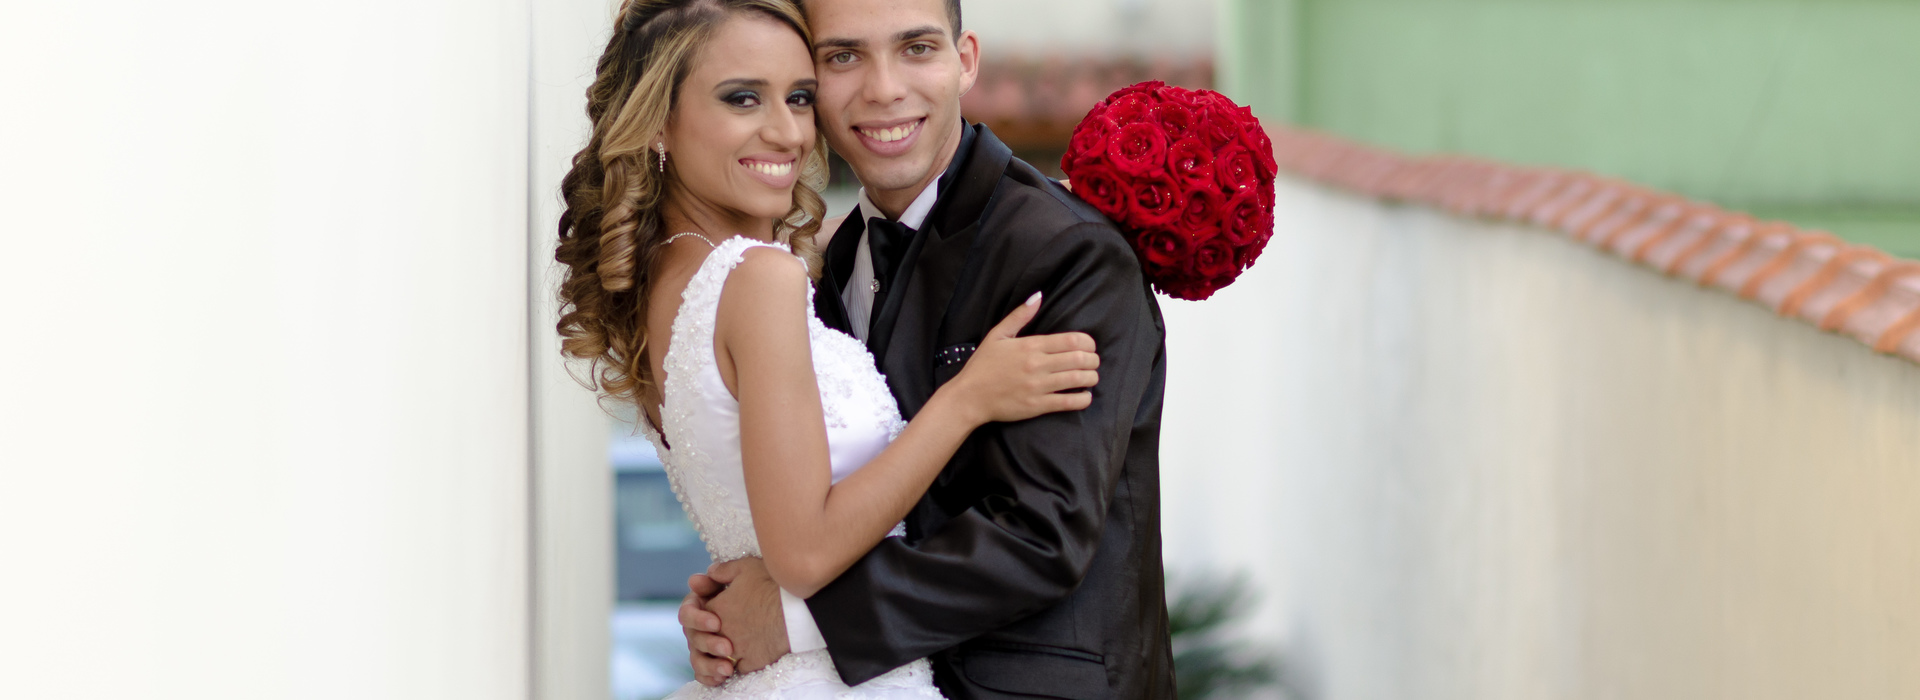 casamento de Clayton e Carol em Salão do Reino - Guarulhos SP